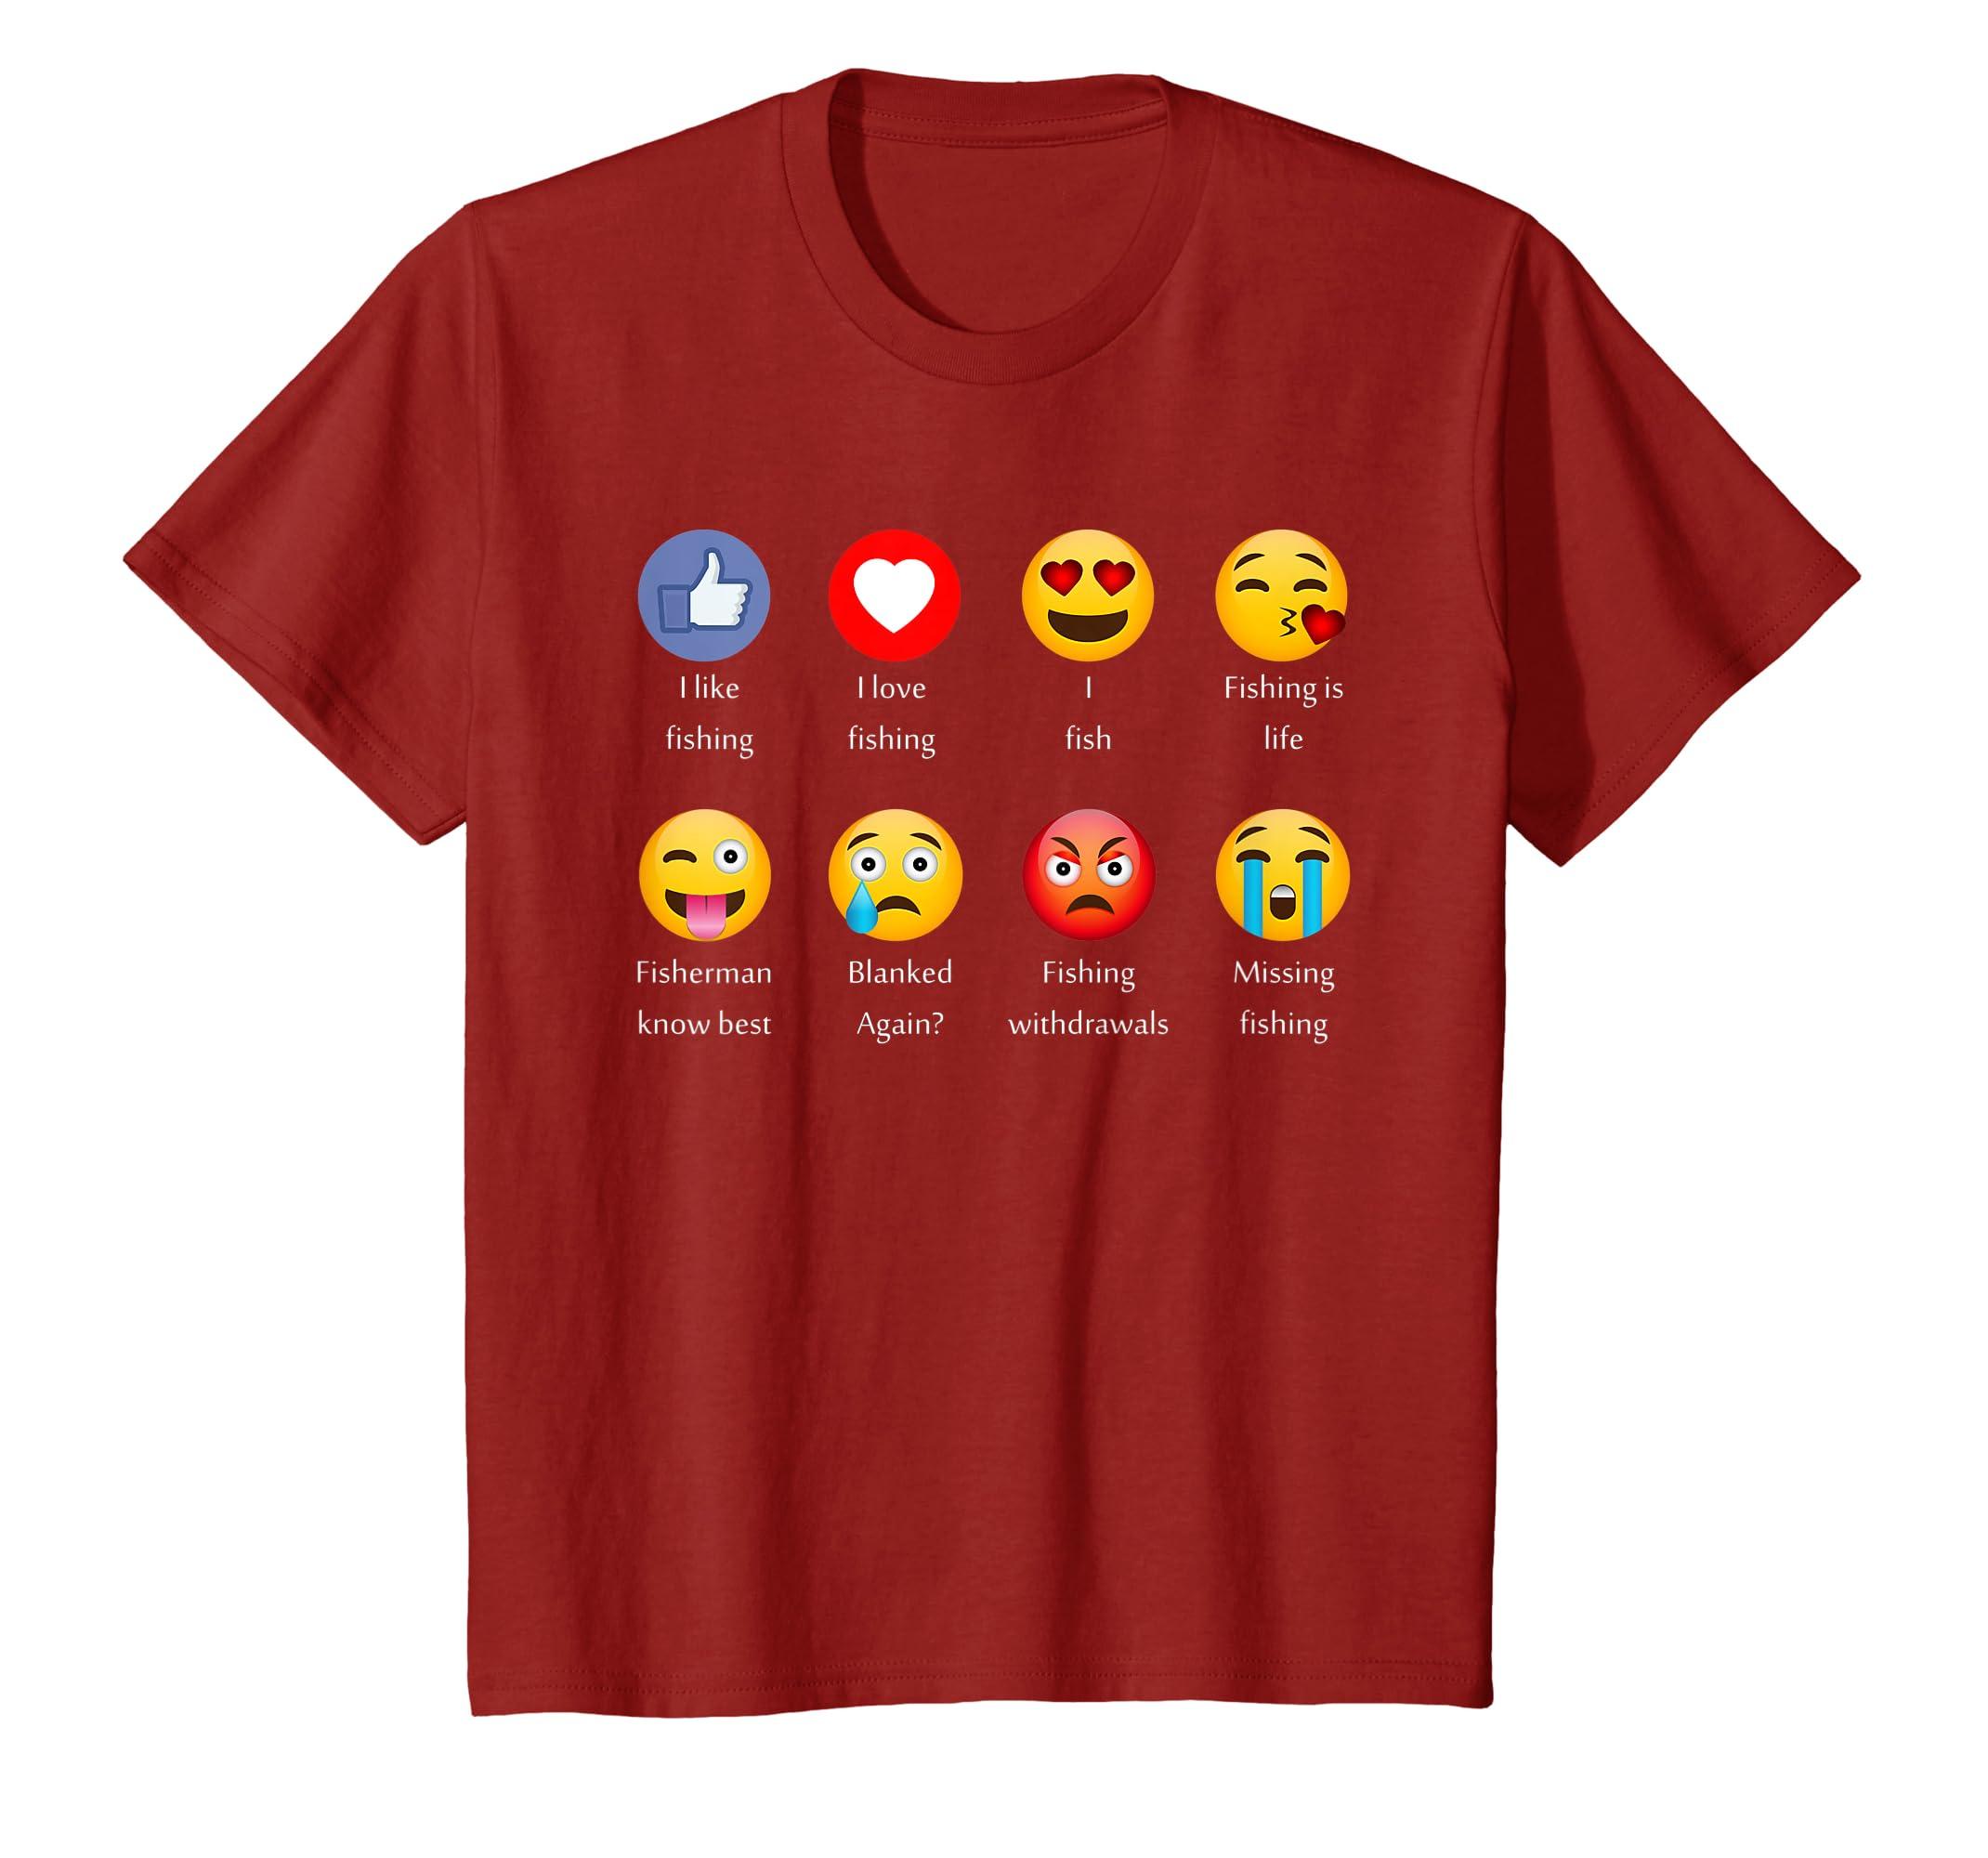 5b8768671 Amazon.com: I Like Love Fishing Funny Emoji Emoticons Graphic Tee Shirt:  Clothing